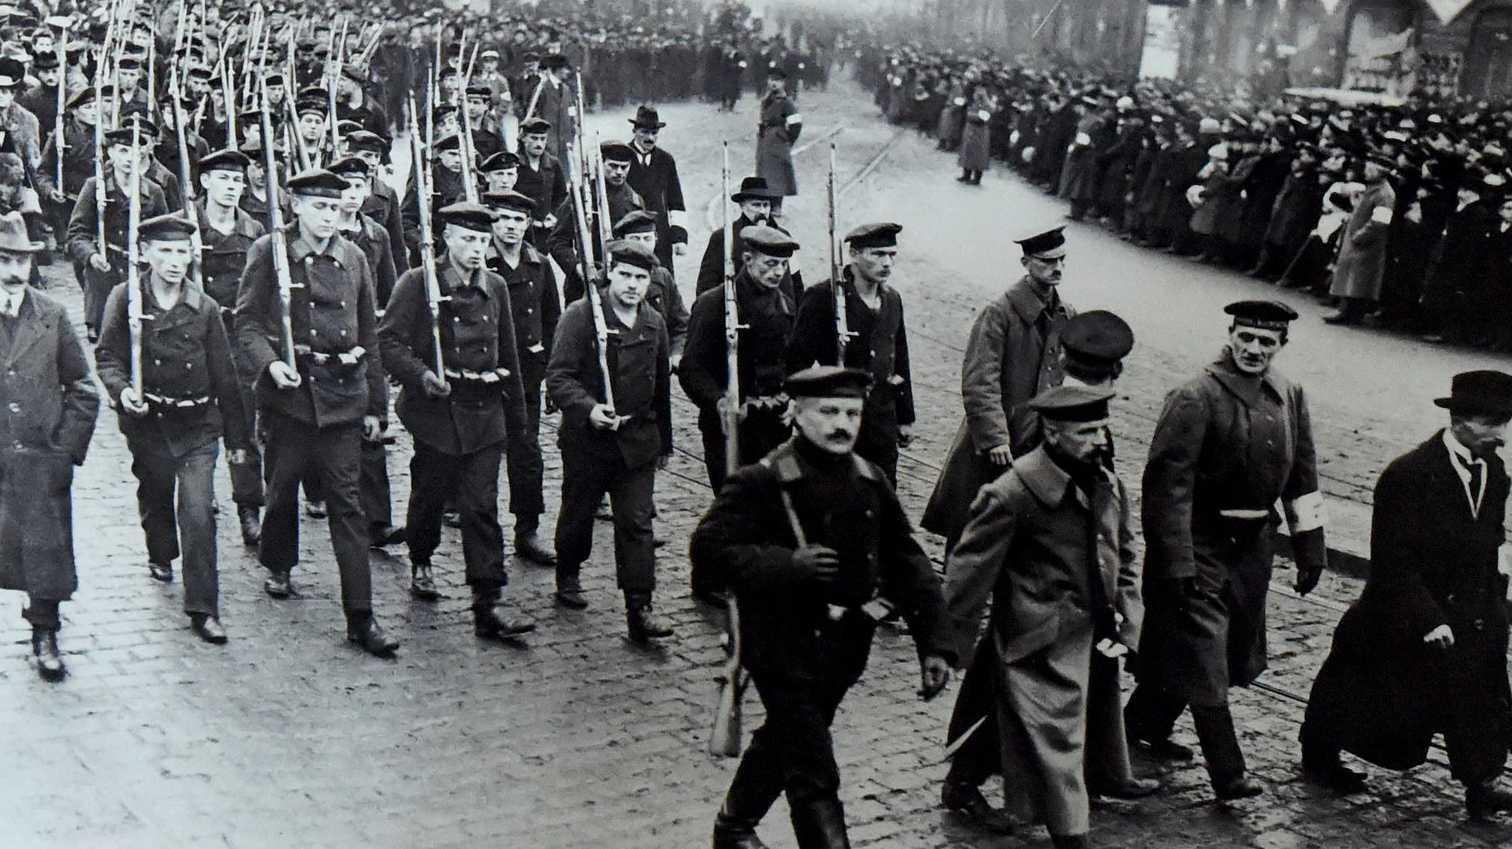 Fotos & mehr: Material zum Matrosenaufstand von 1918 wird gesucht